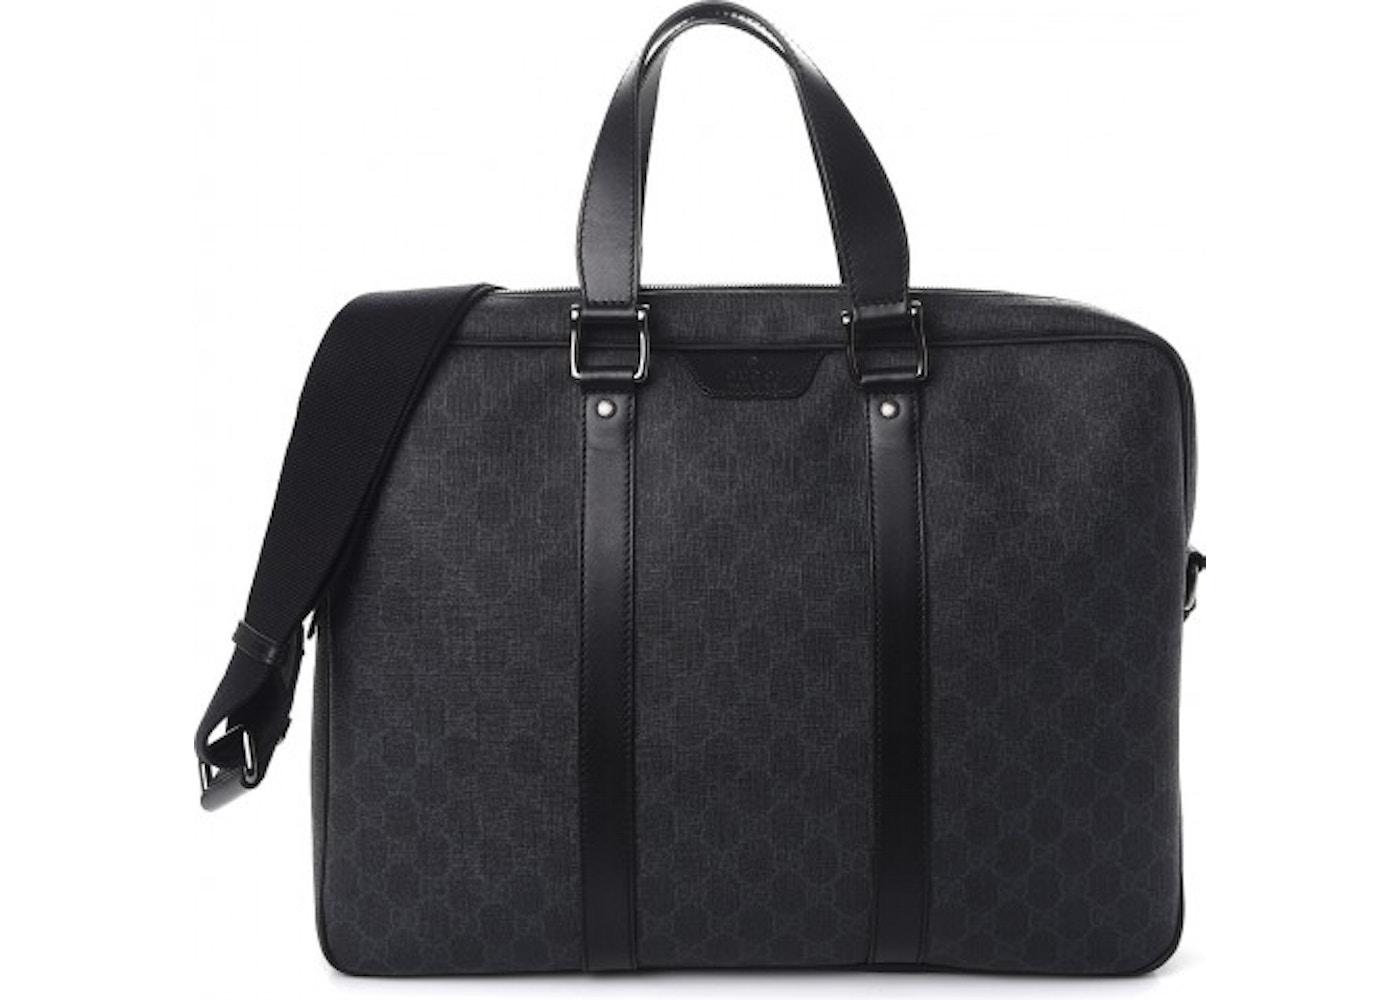 ad776b9609a7 Gucci Briefcase Monogram GG Supreme Black. Monogram GG Supreme Black